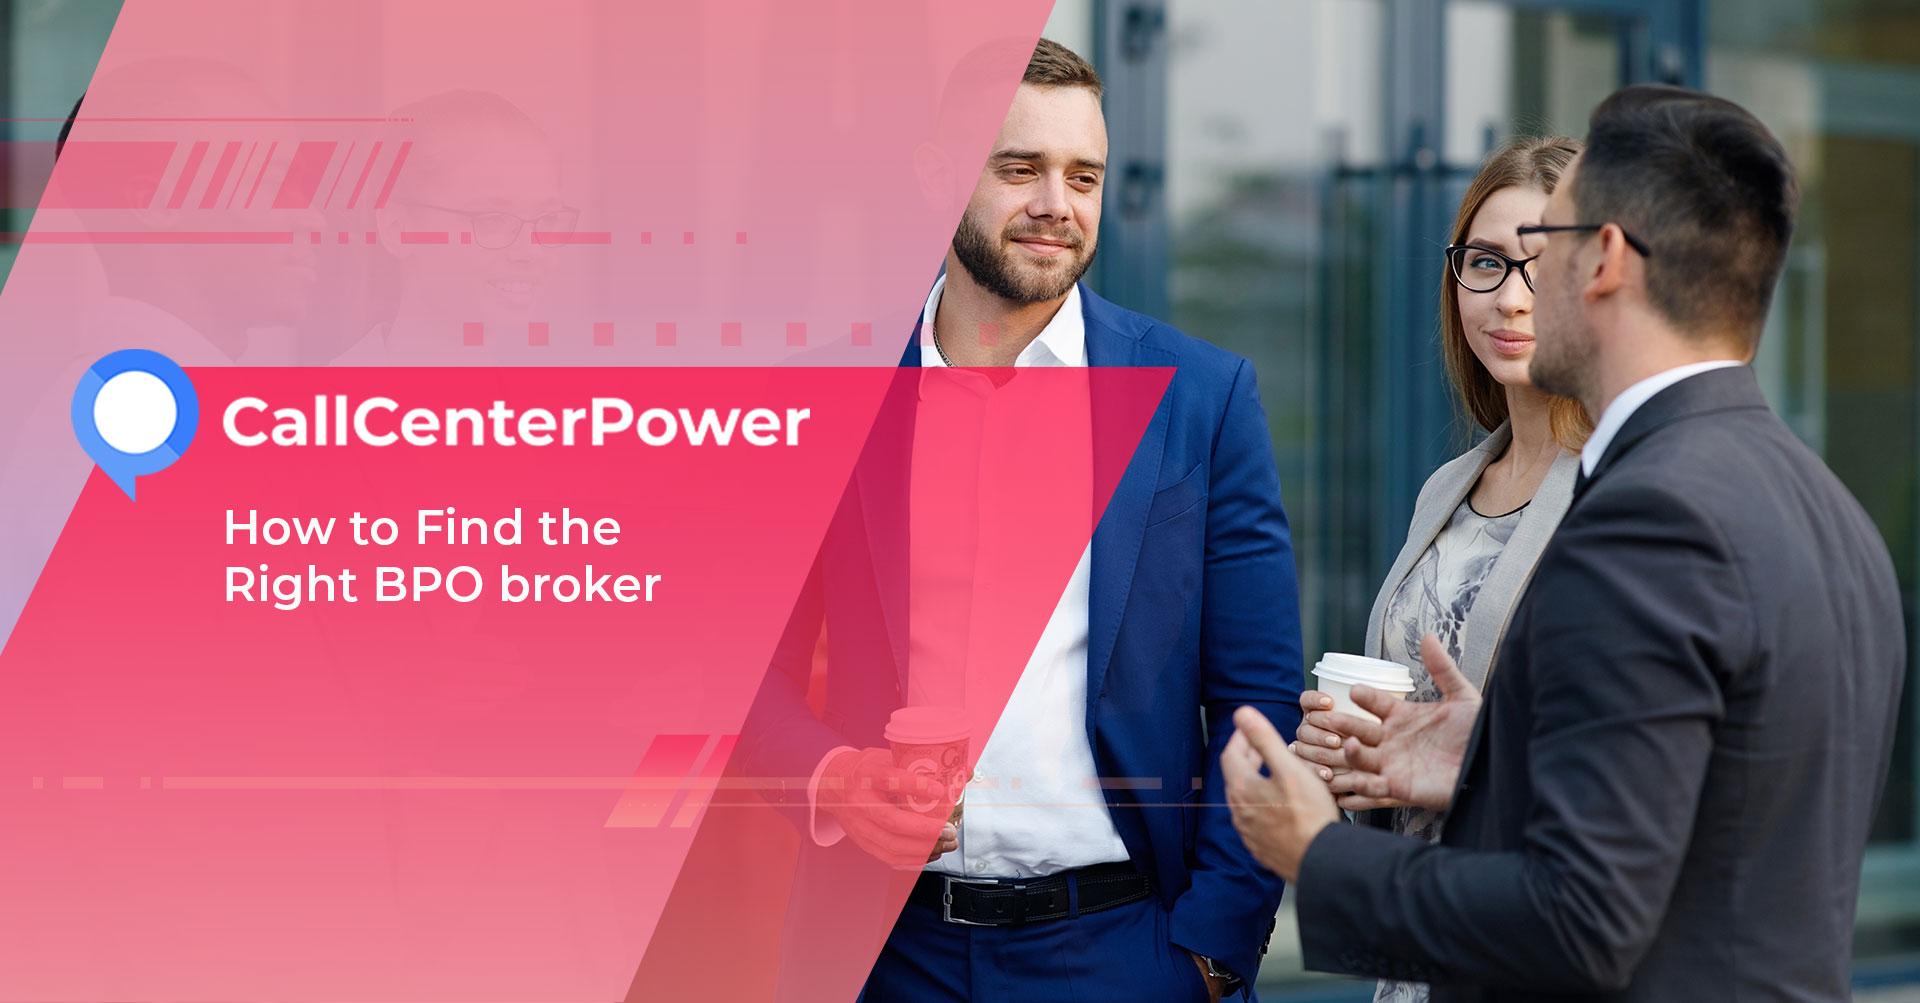 BPO Broker, Outsourcing